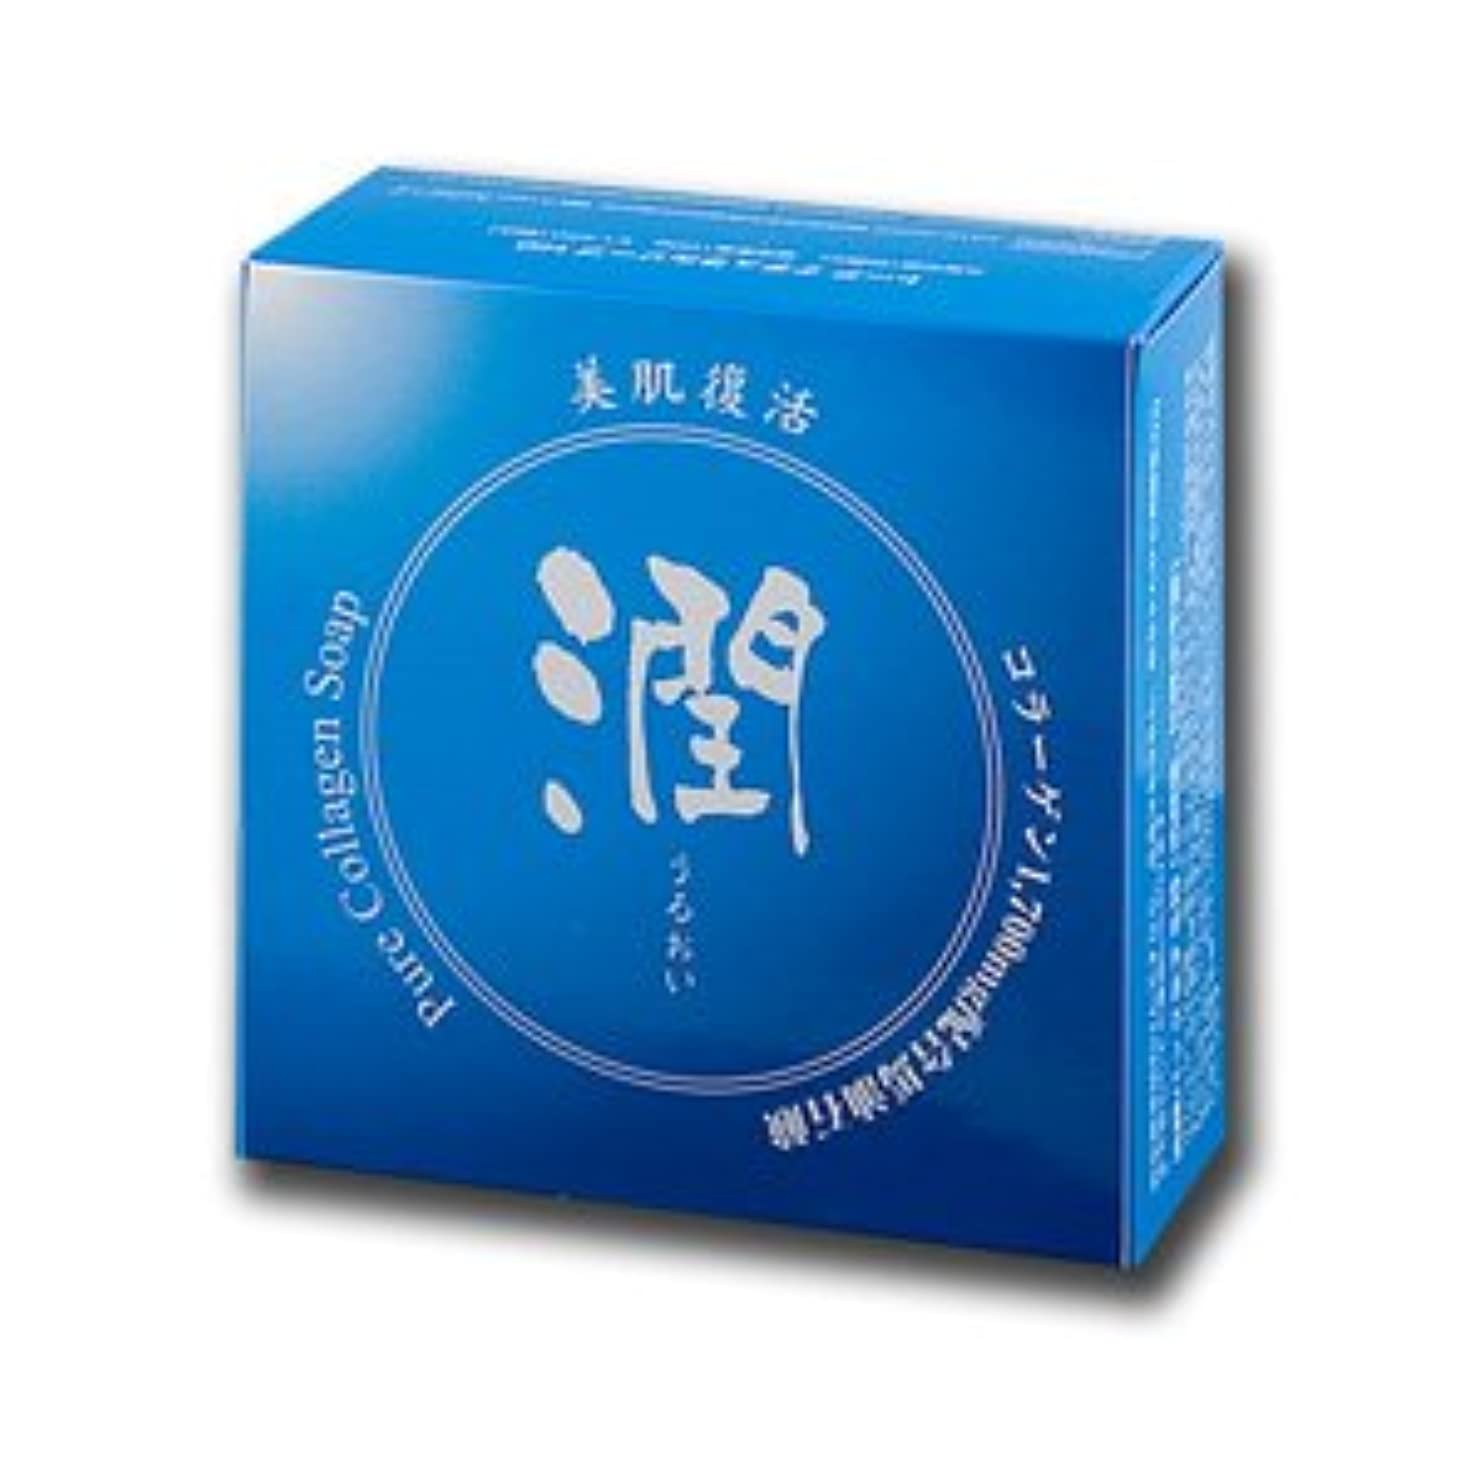 原告代替案パースブラックボロウコラーゲン馬油石鹸 潤 100g (#800410) ×10個セット